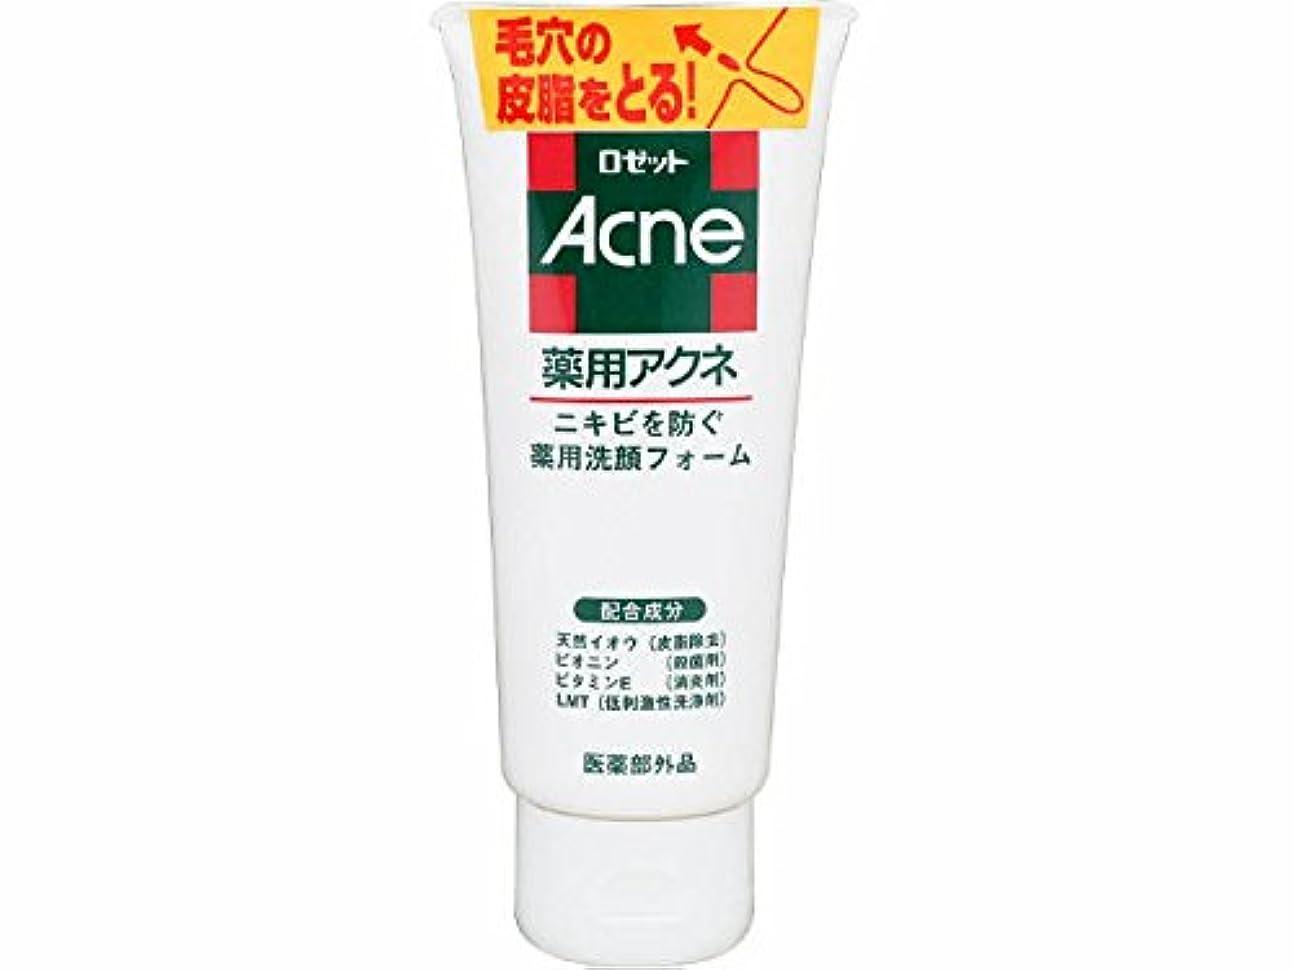 ロゼット 薬用アクネ 洗顔フォーム 130g 医薬部外品 ニキビを防ぐ洗顔フォーム×48点セット (4901696105115)